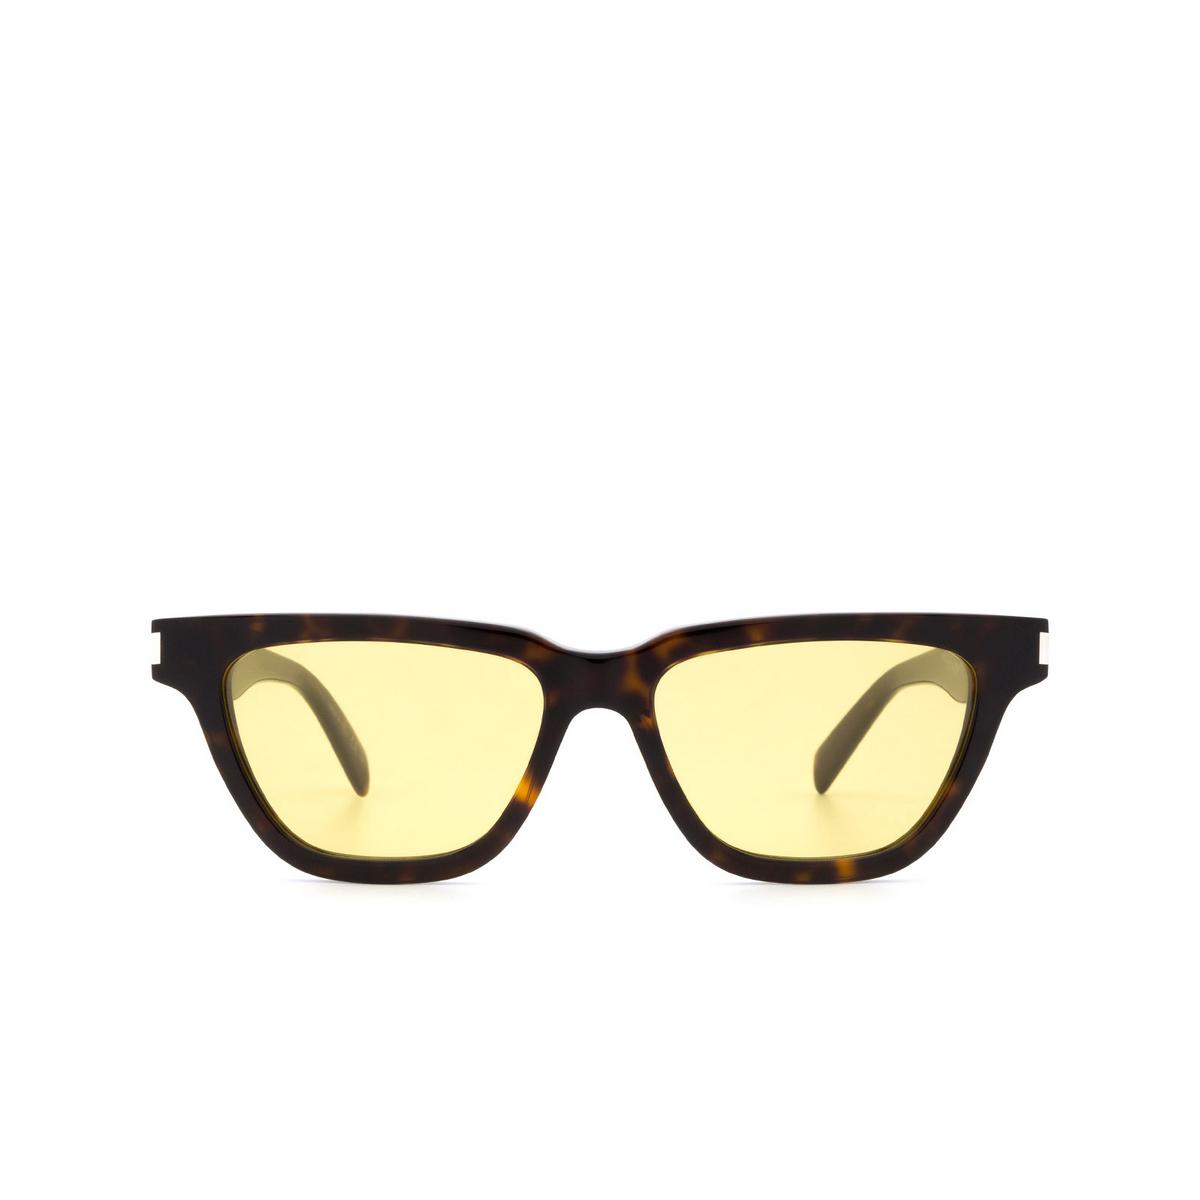 Saint Laurent® Cat-eye Sunglasses: Sulpice SL 462 color Havana 004 - front view.